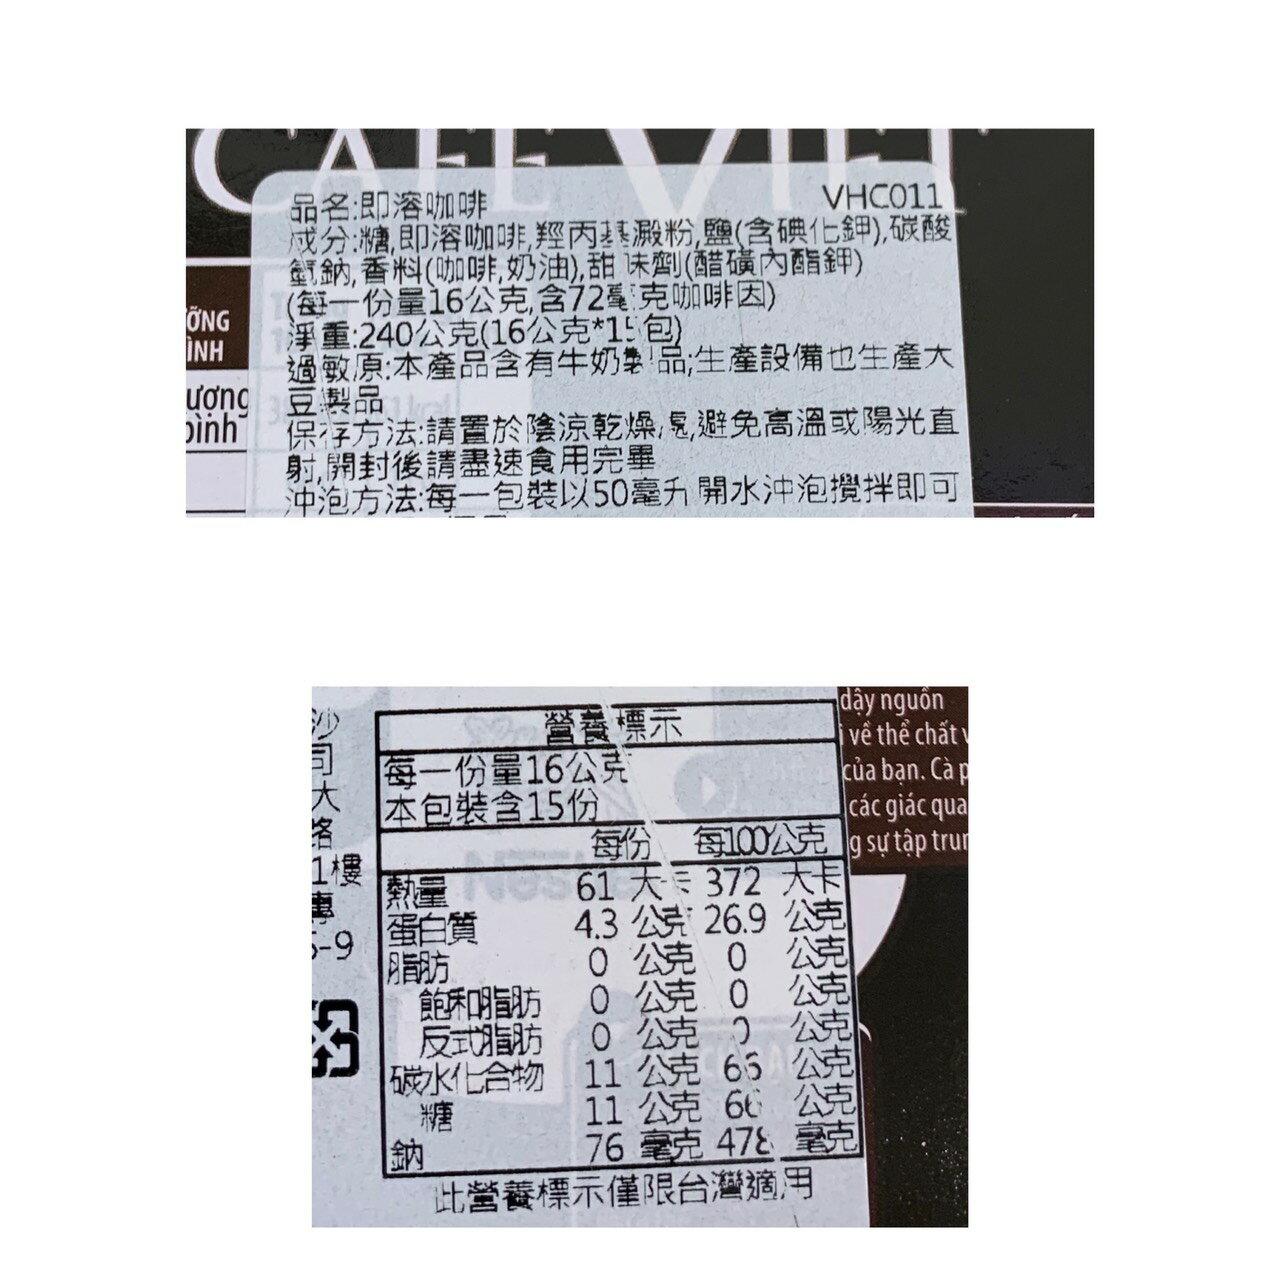 {泰菲印越} 越南 雀巢 CafeViet 二合一咖啡  黑咖啡 15入